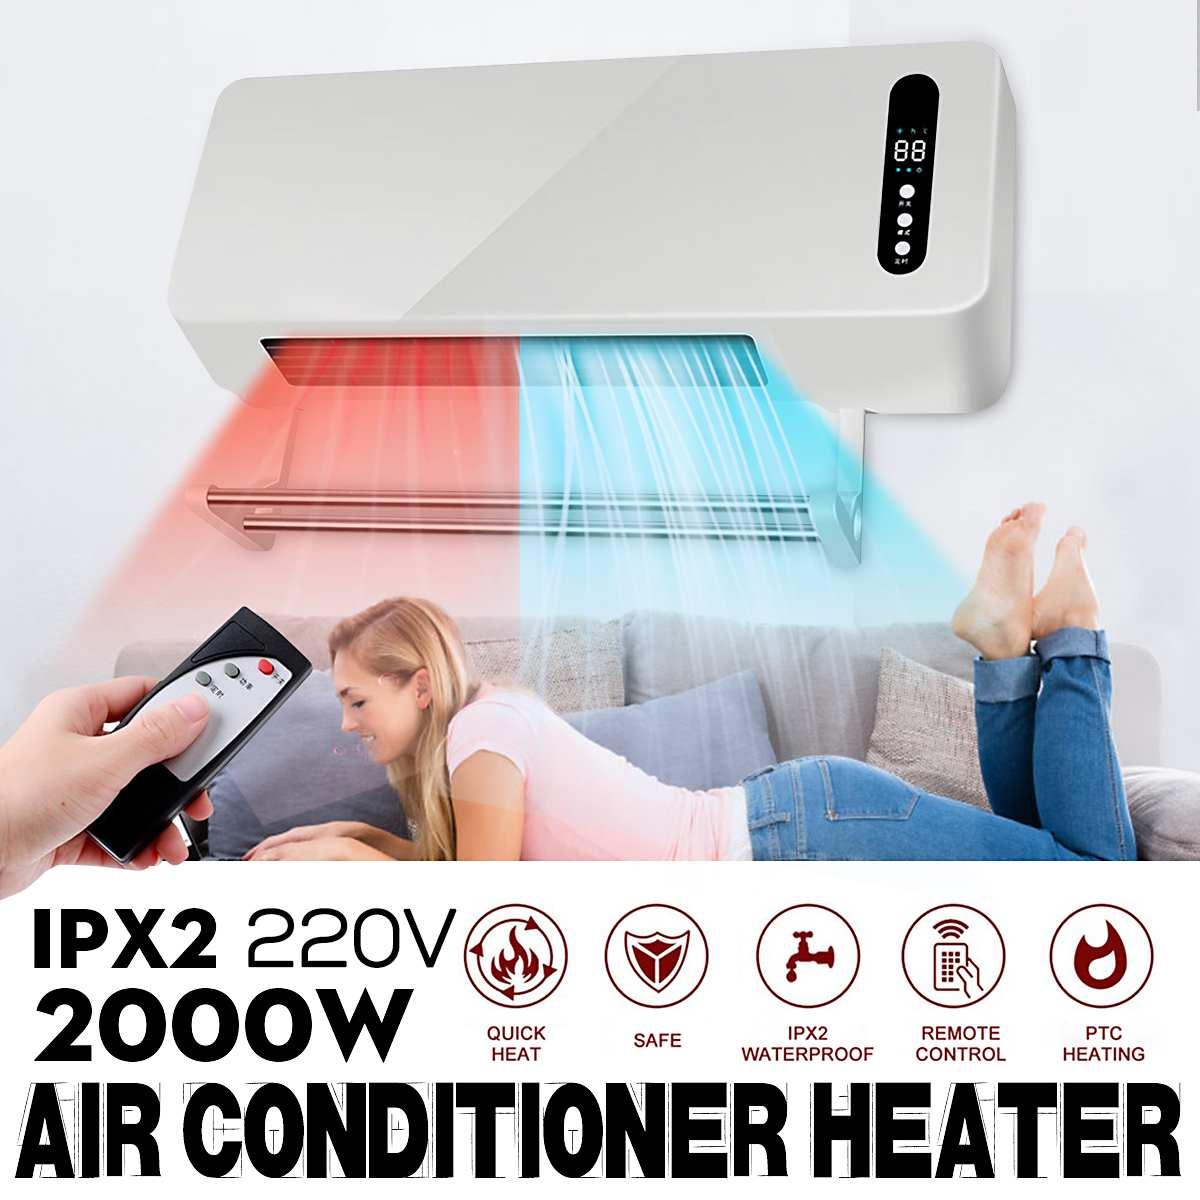 Le plus nouveau 2000 W chaud Cool double usage mural chauffage Timing espace chauffage climatiseur Purification d'air Ultra-large ventilateur de refroidissement